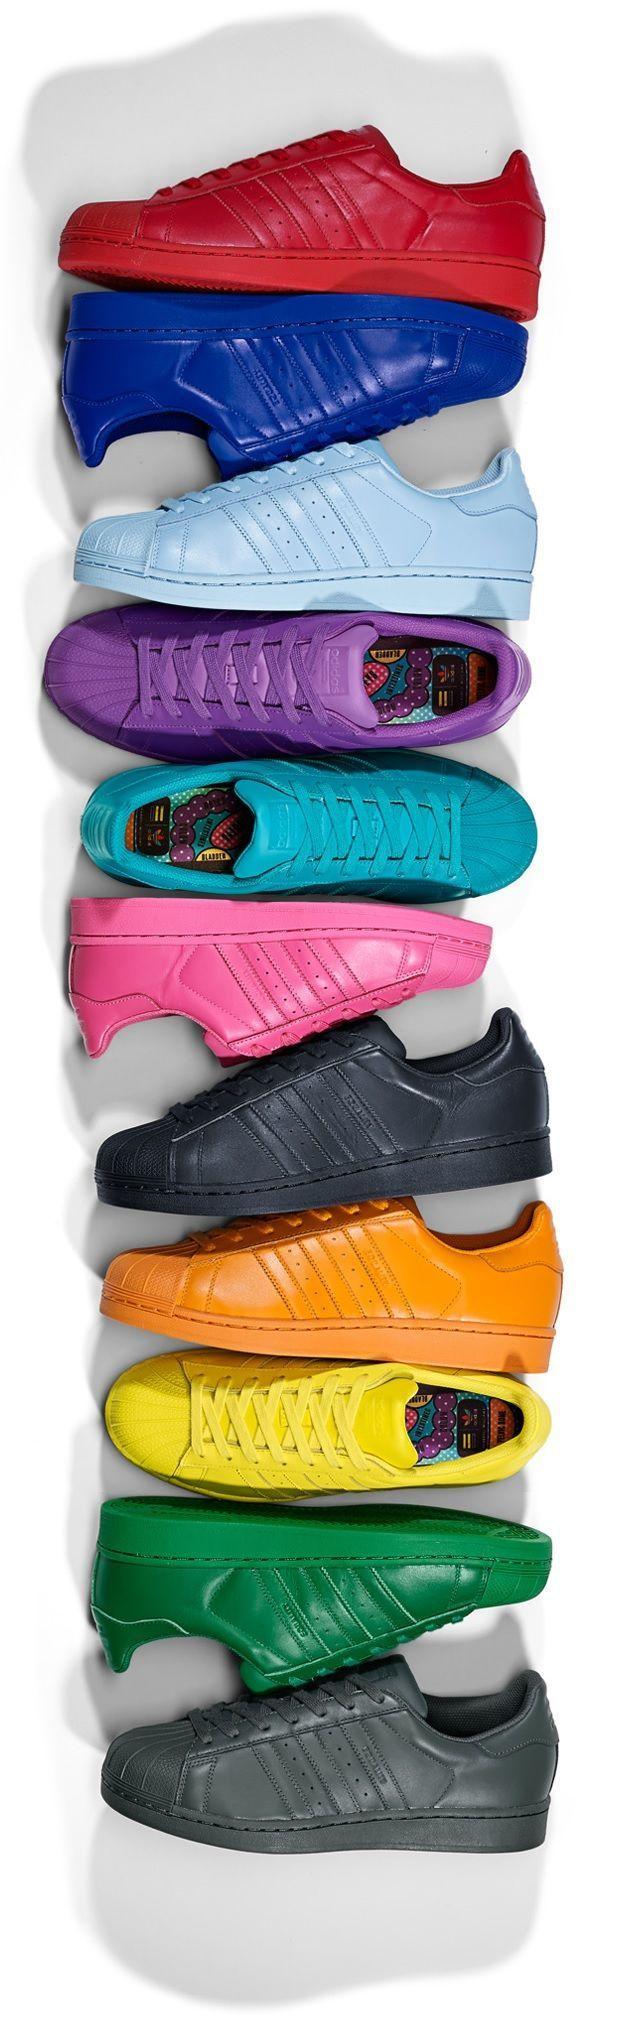 Pharell Williams x Superstar adidas Originals Superstar x Supercolor Pack 9d4356